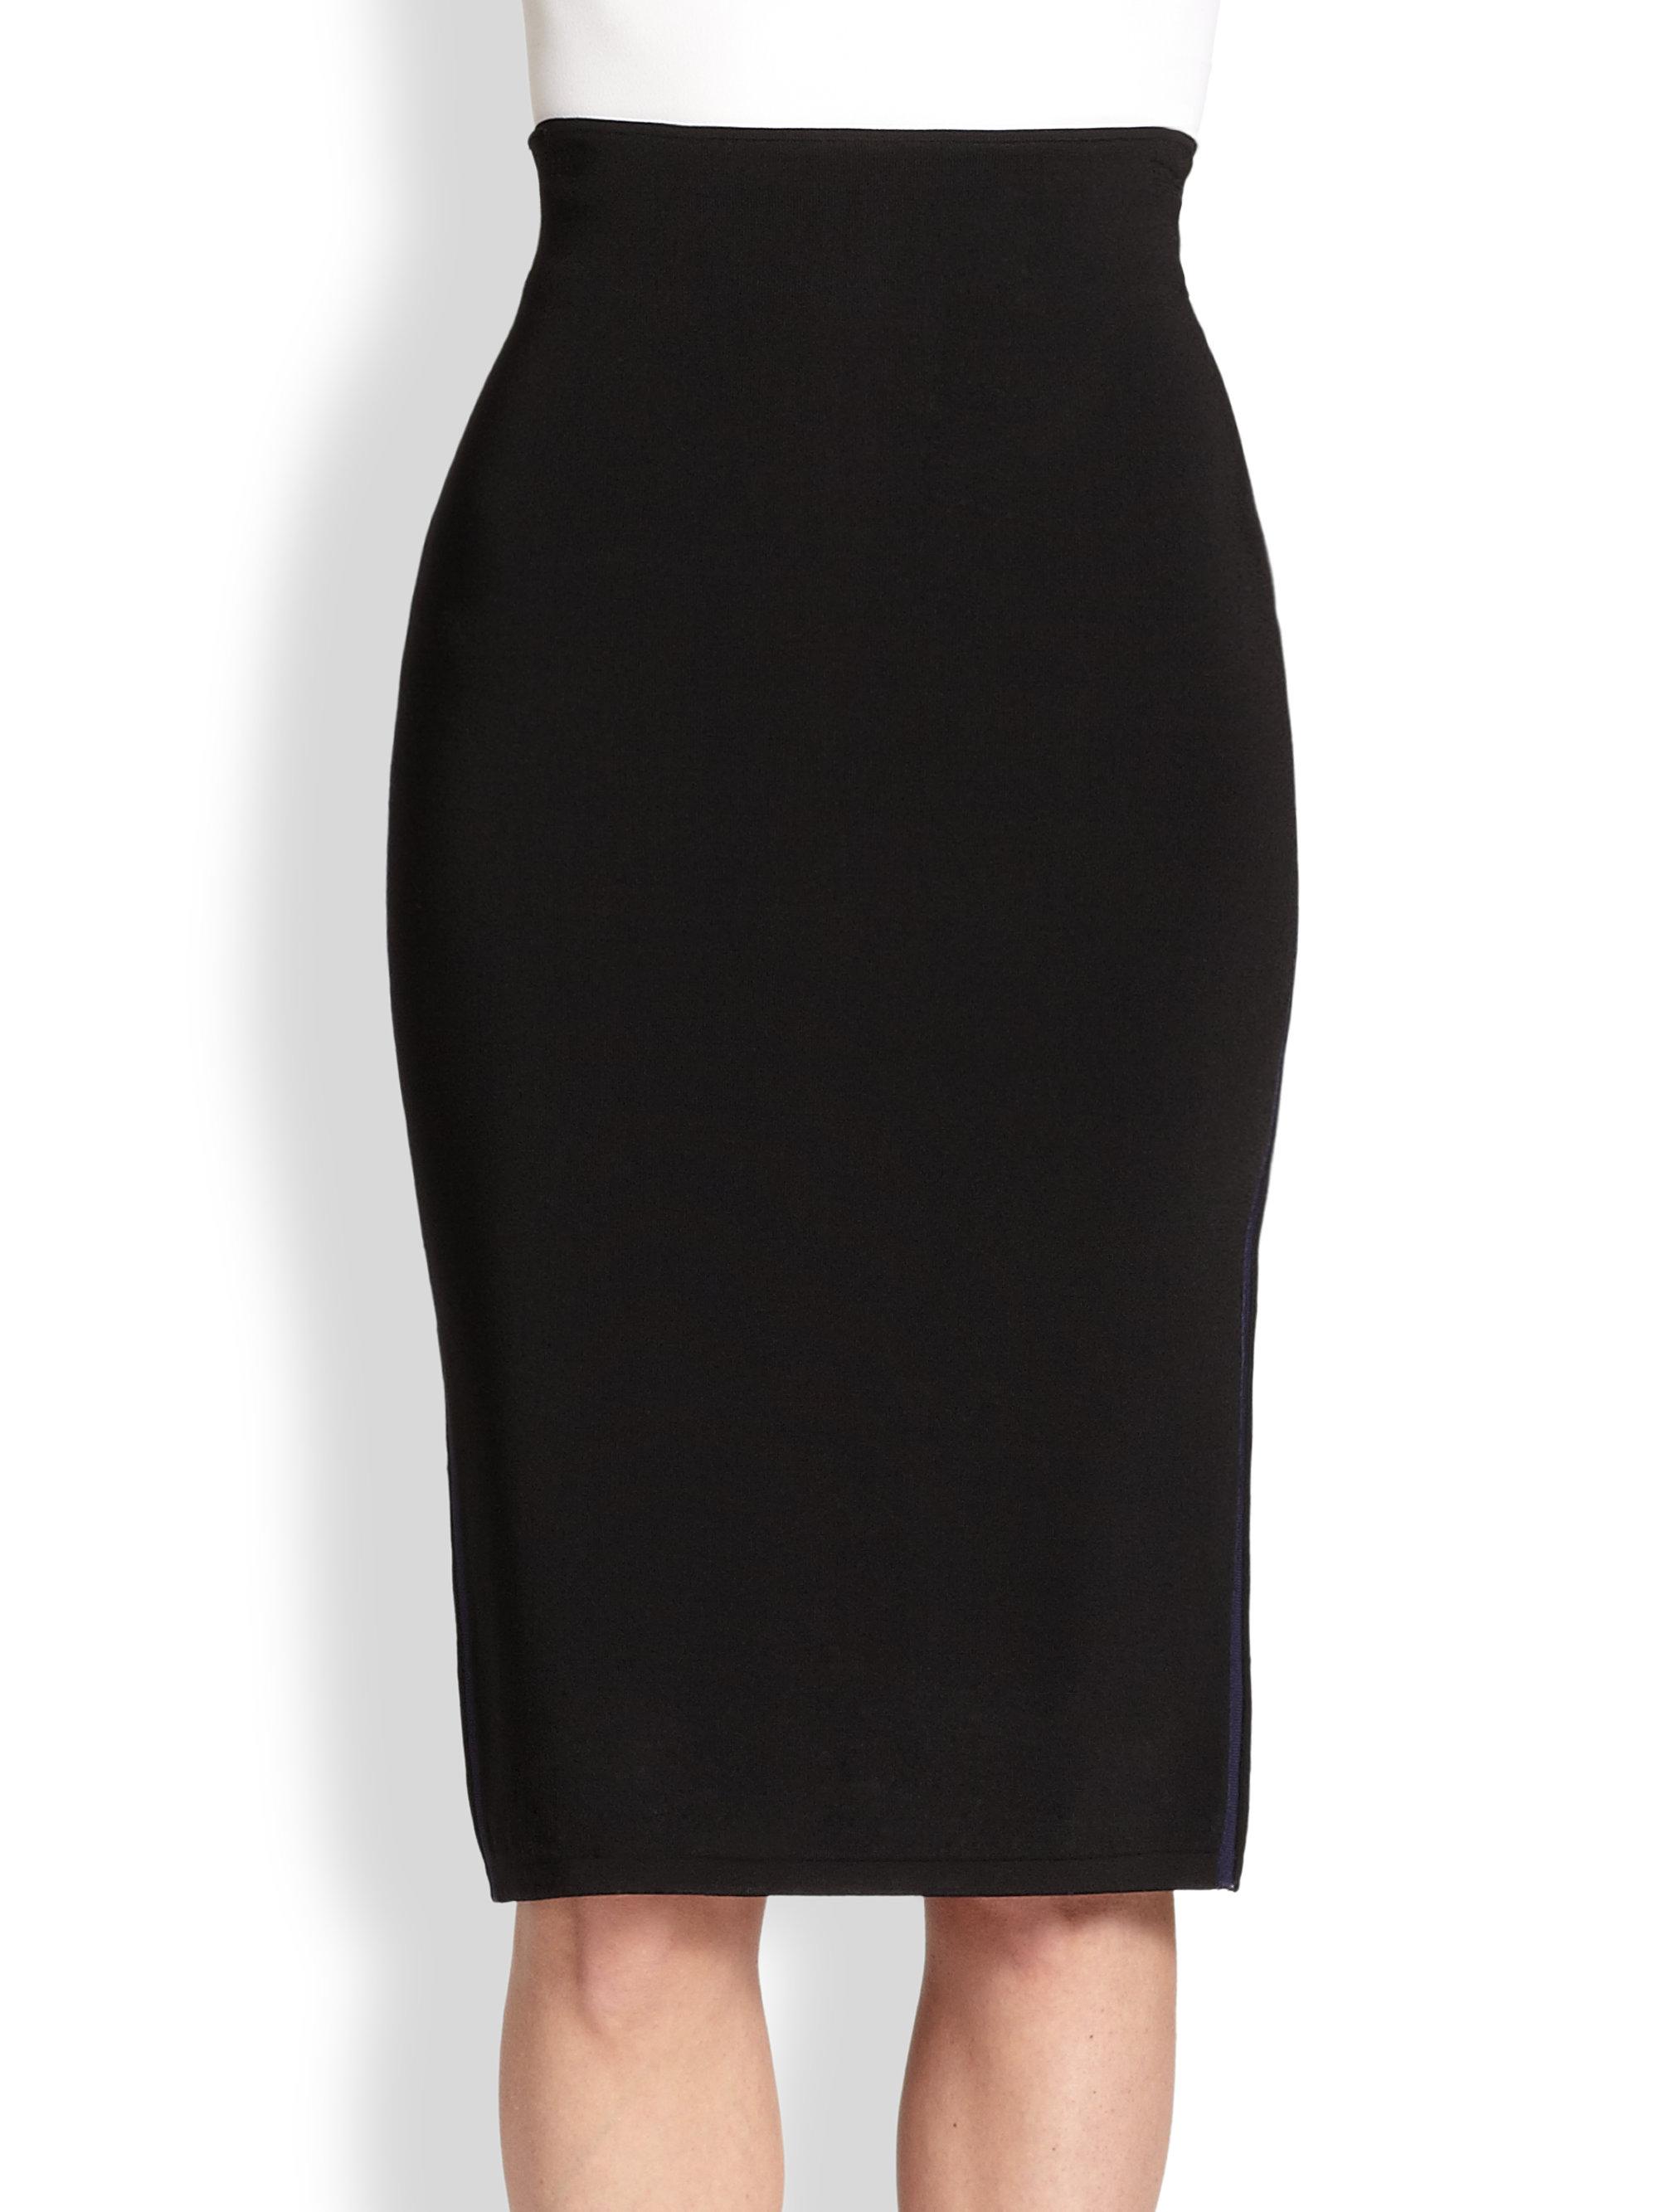 Rag & Bone Roxy Stretch Knit Pencil Skirt in Black | Lyst